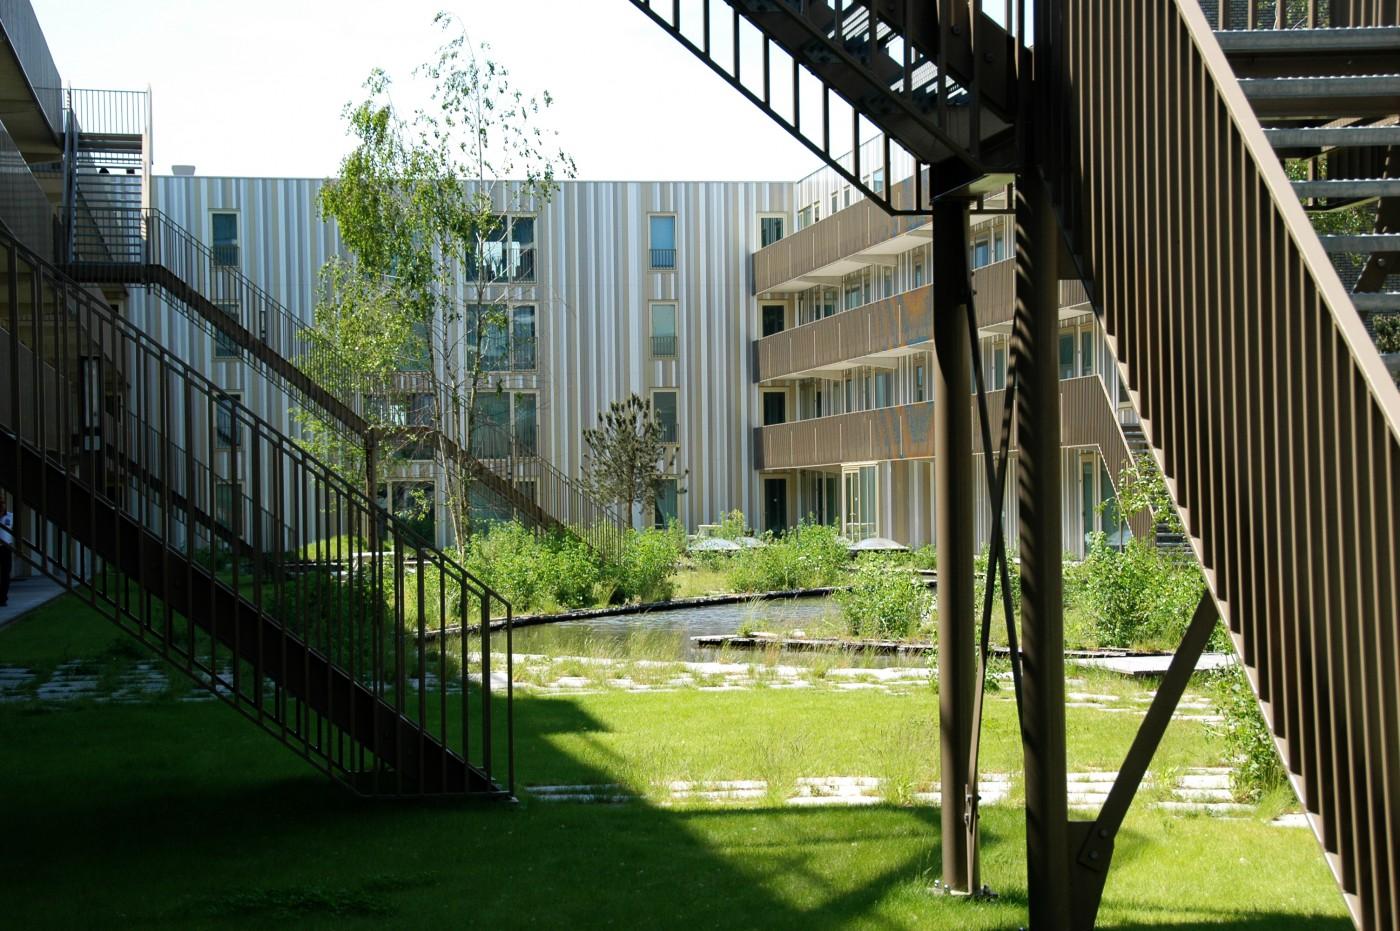 buro-sant-en-co-landschapsarchitectuur-kameleon-amsterdam-woonomgeving-tuin-1